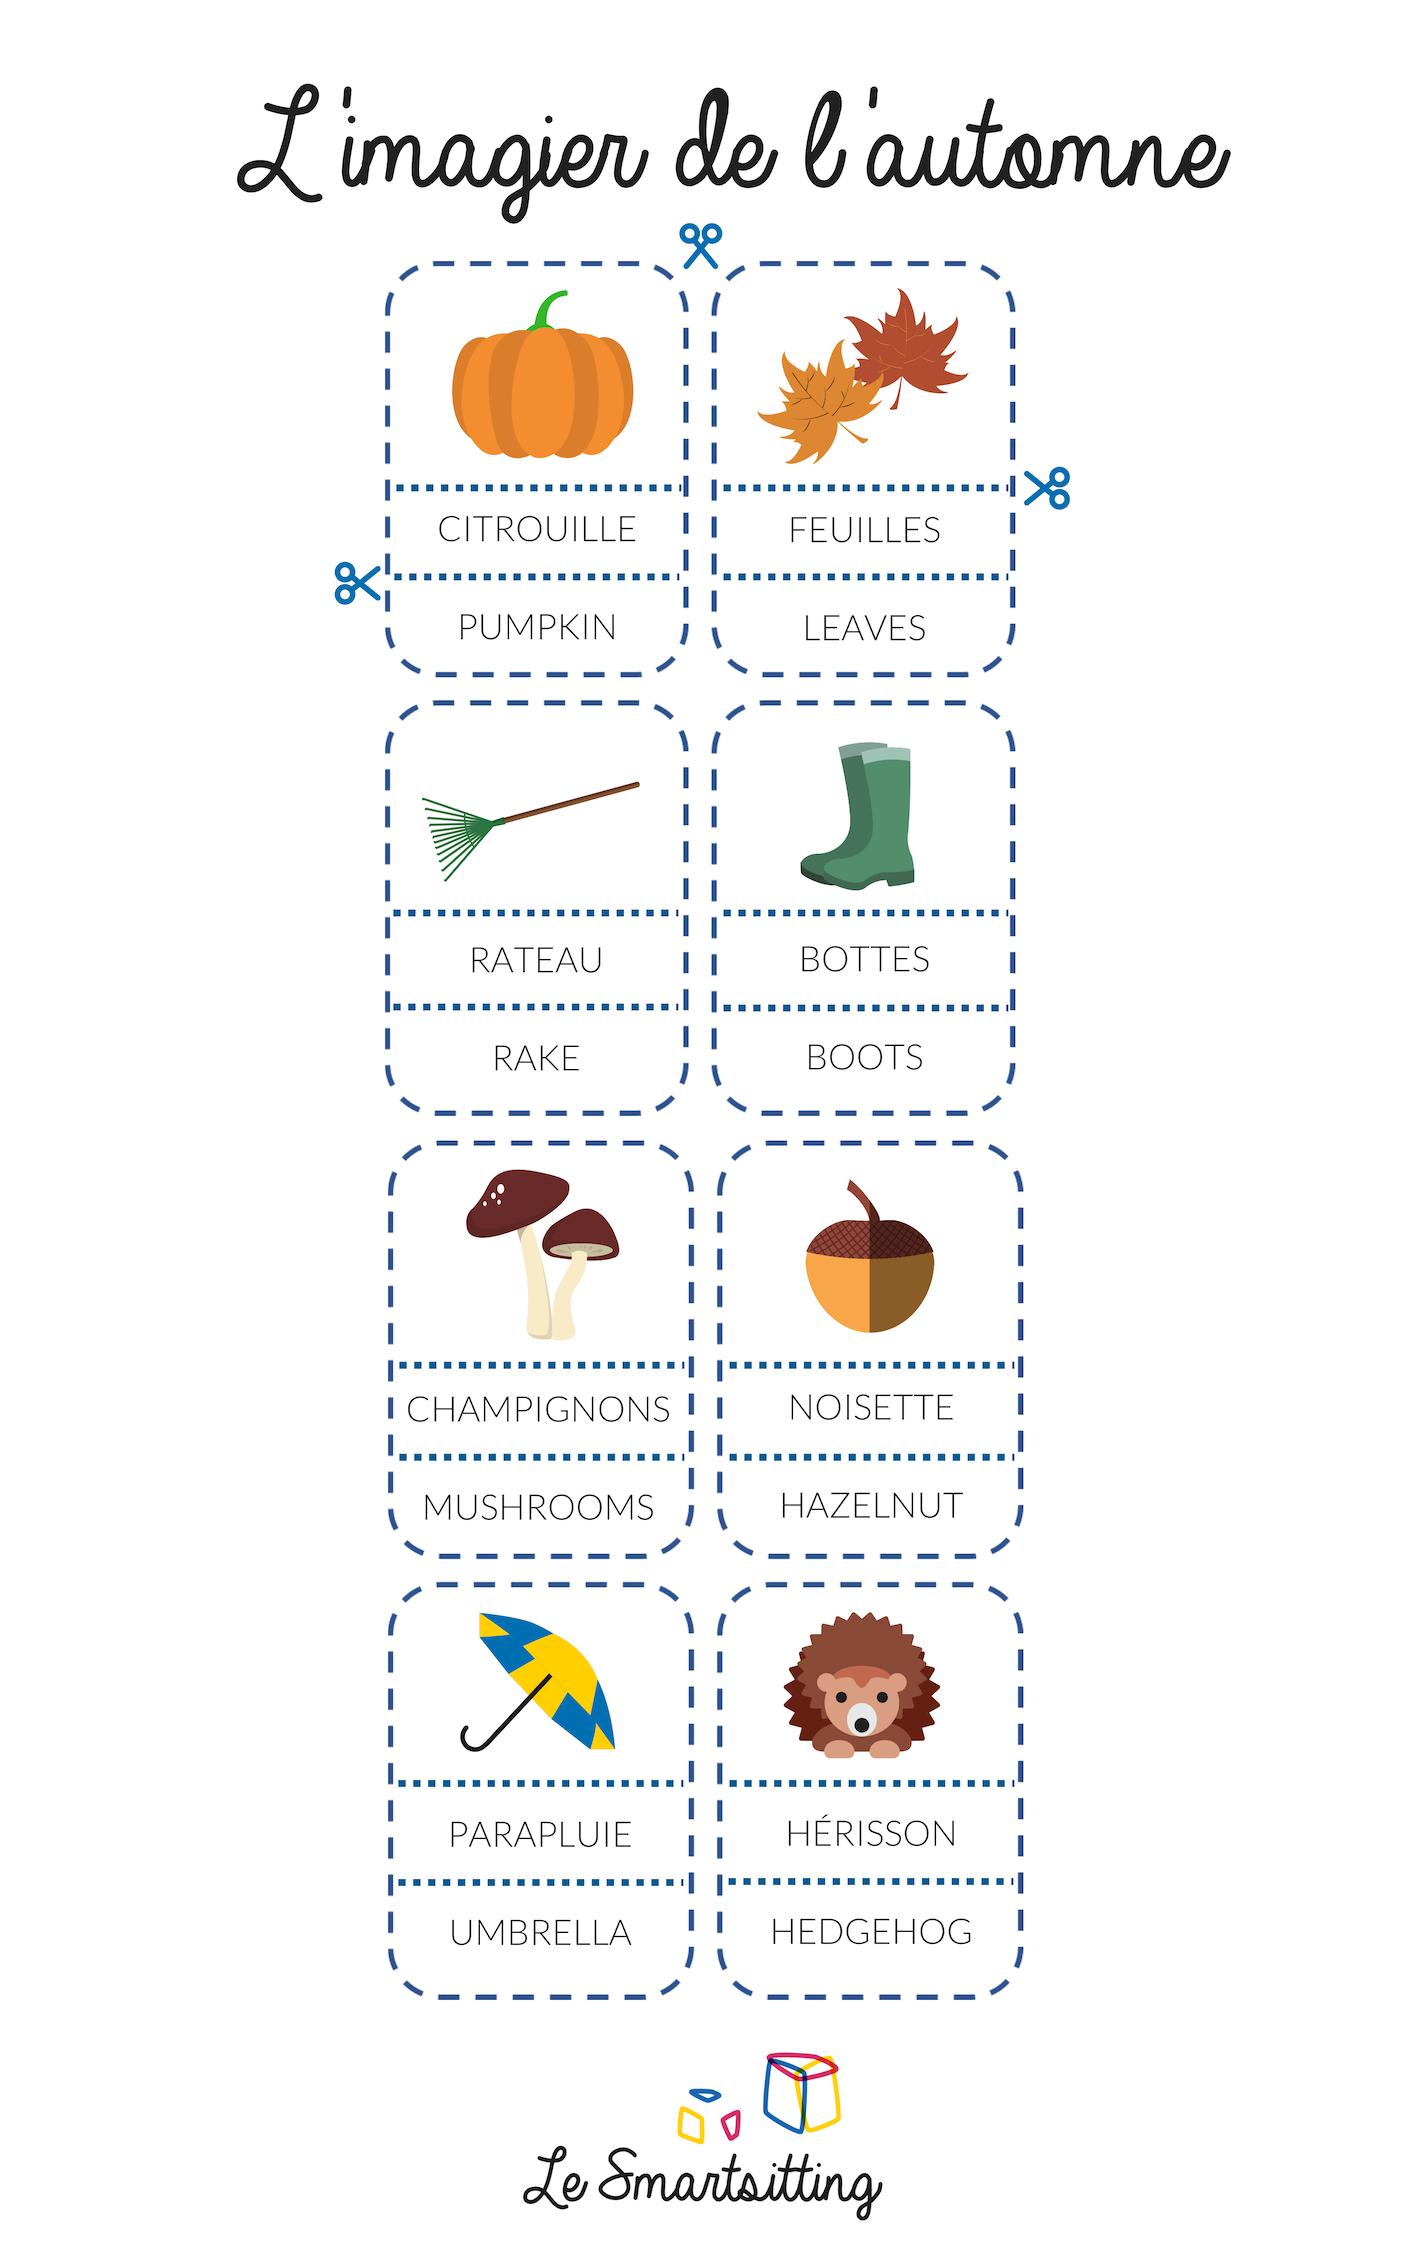 Jeu De Langage Maternelle : L'imagier Montessori | Le Blog intérieur Découpage Maternelle À Imprimer